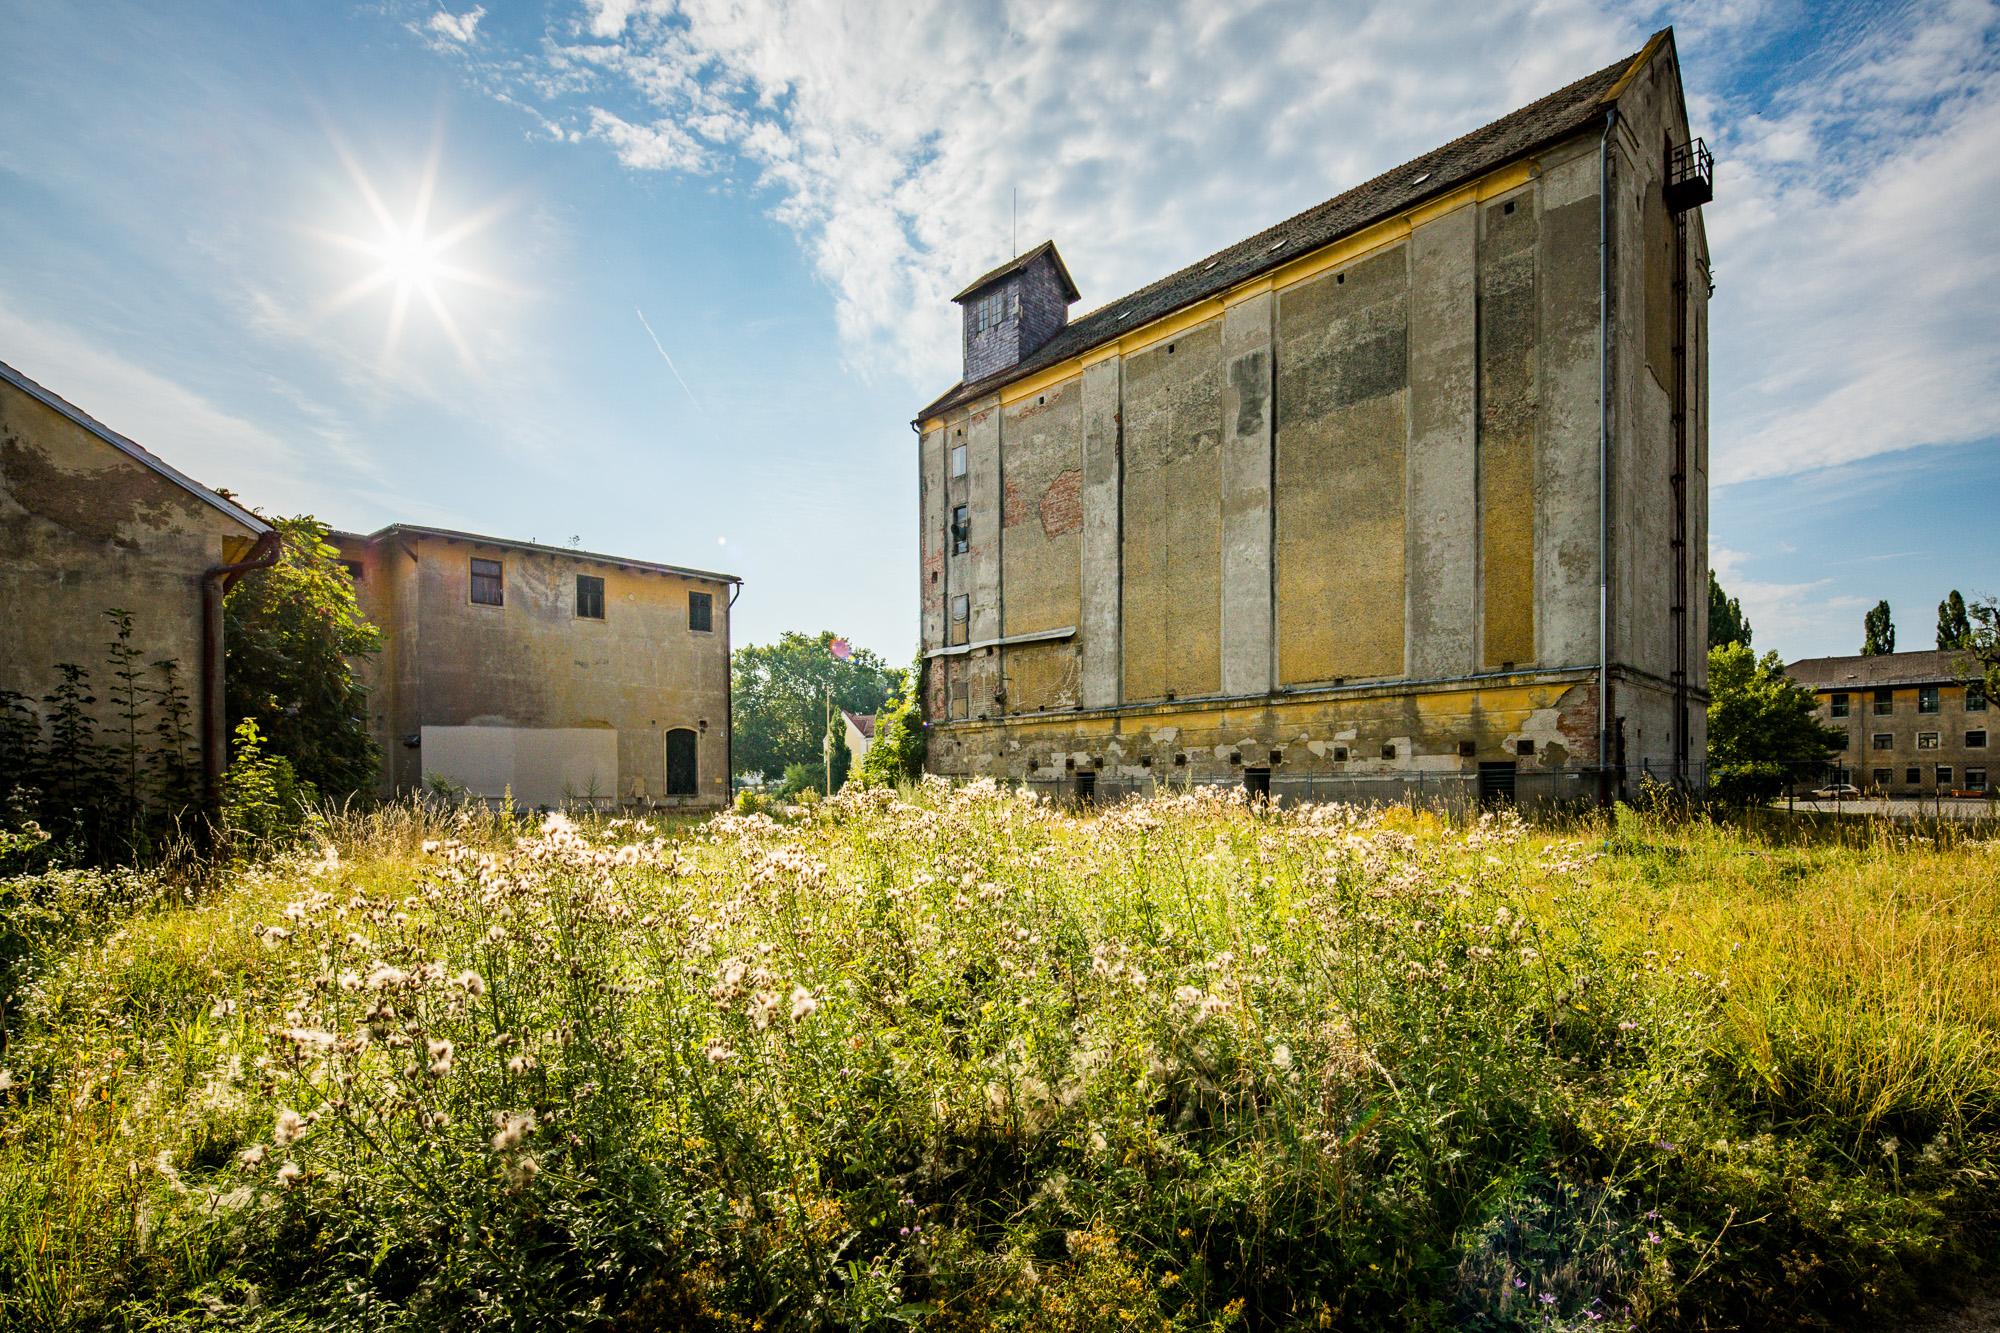 früheres Silogebäude und früheres Gebäude der Betriebsfeuerwehr